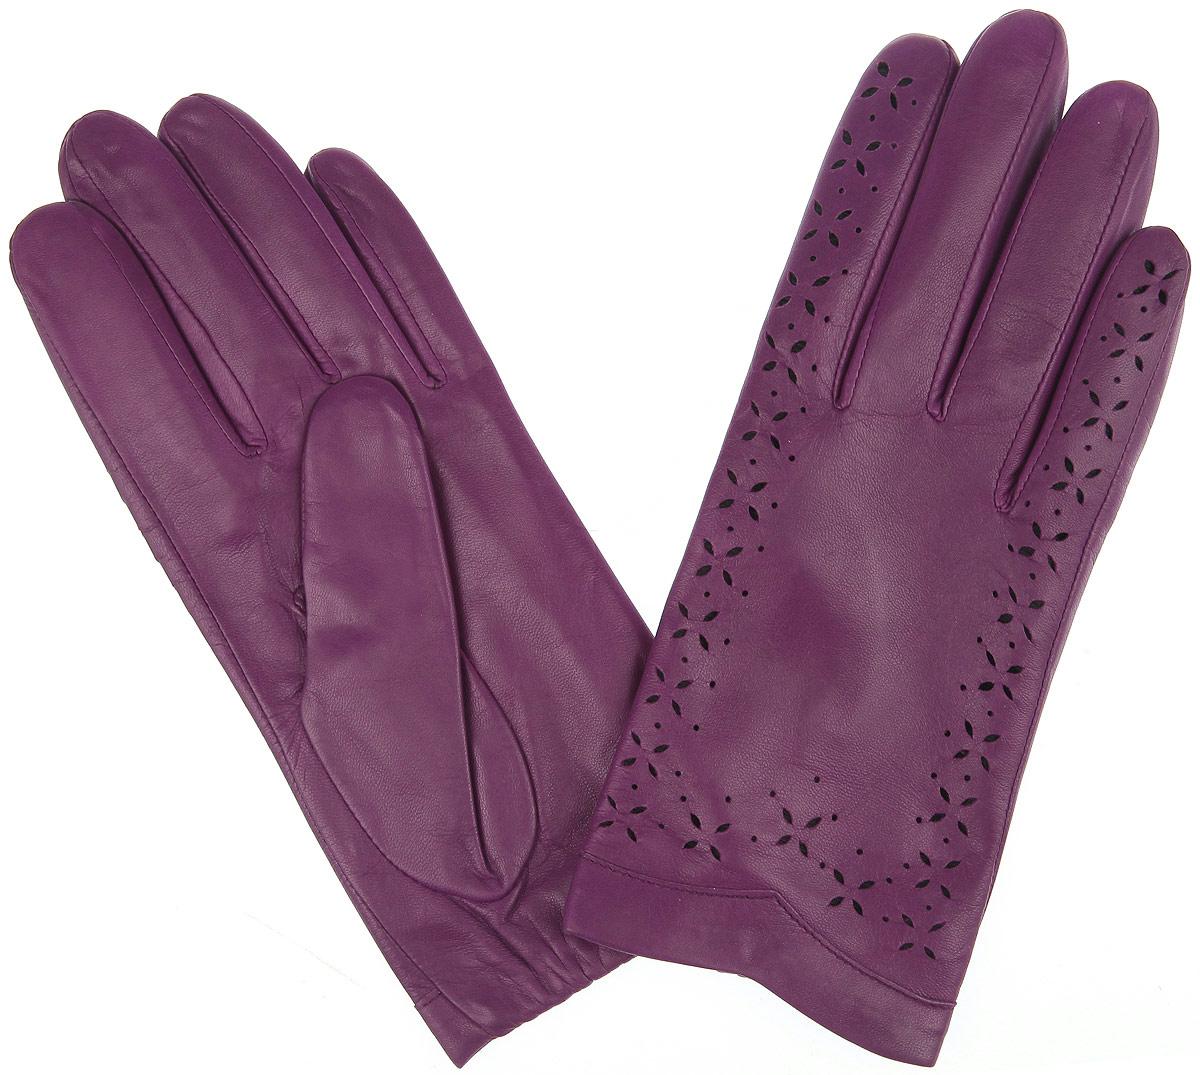 Перчатки женские Fabretti, цвет: бордовый. 4.8-8s emillion. Размер 6,54.8-8s emillionСтильные перчатки Fabretti с шелковой подкладкой выполнены из мягкой и приятной на ощупь натуральной кожи ягненка и оформлены декоративной перфорацией. Тыльная сторона манжета оснащена резинкой для оптимальной посадки модели на руке. Перчатки станут достойным элементом вашего стиля и сохранят тепло ваших рук.